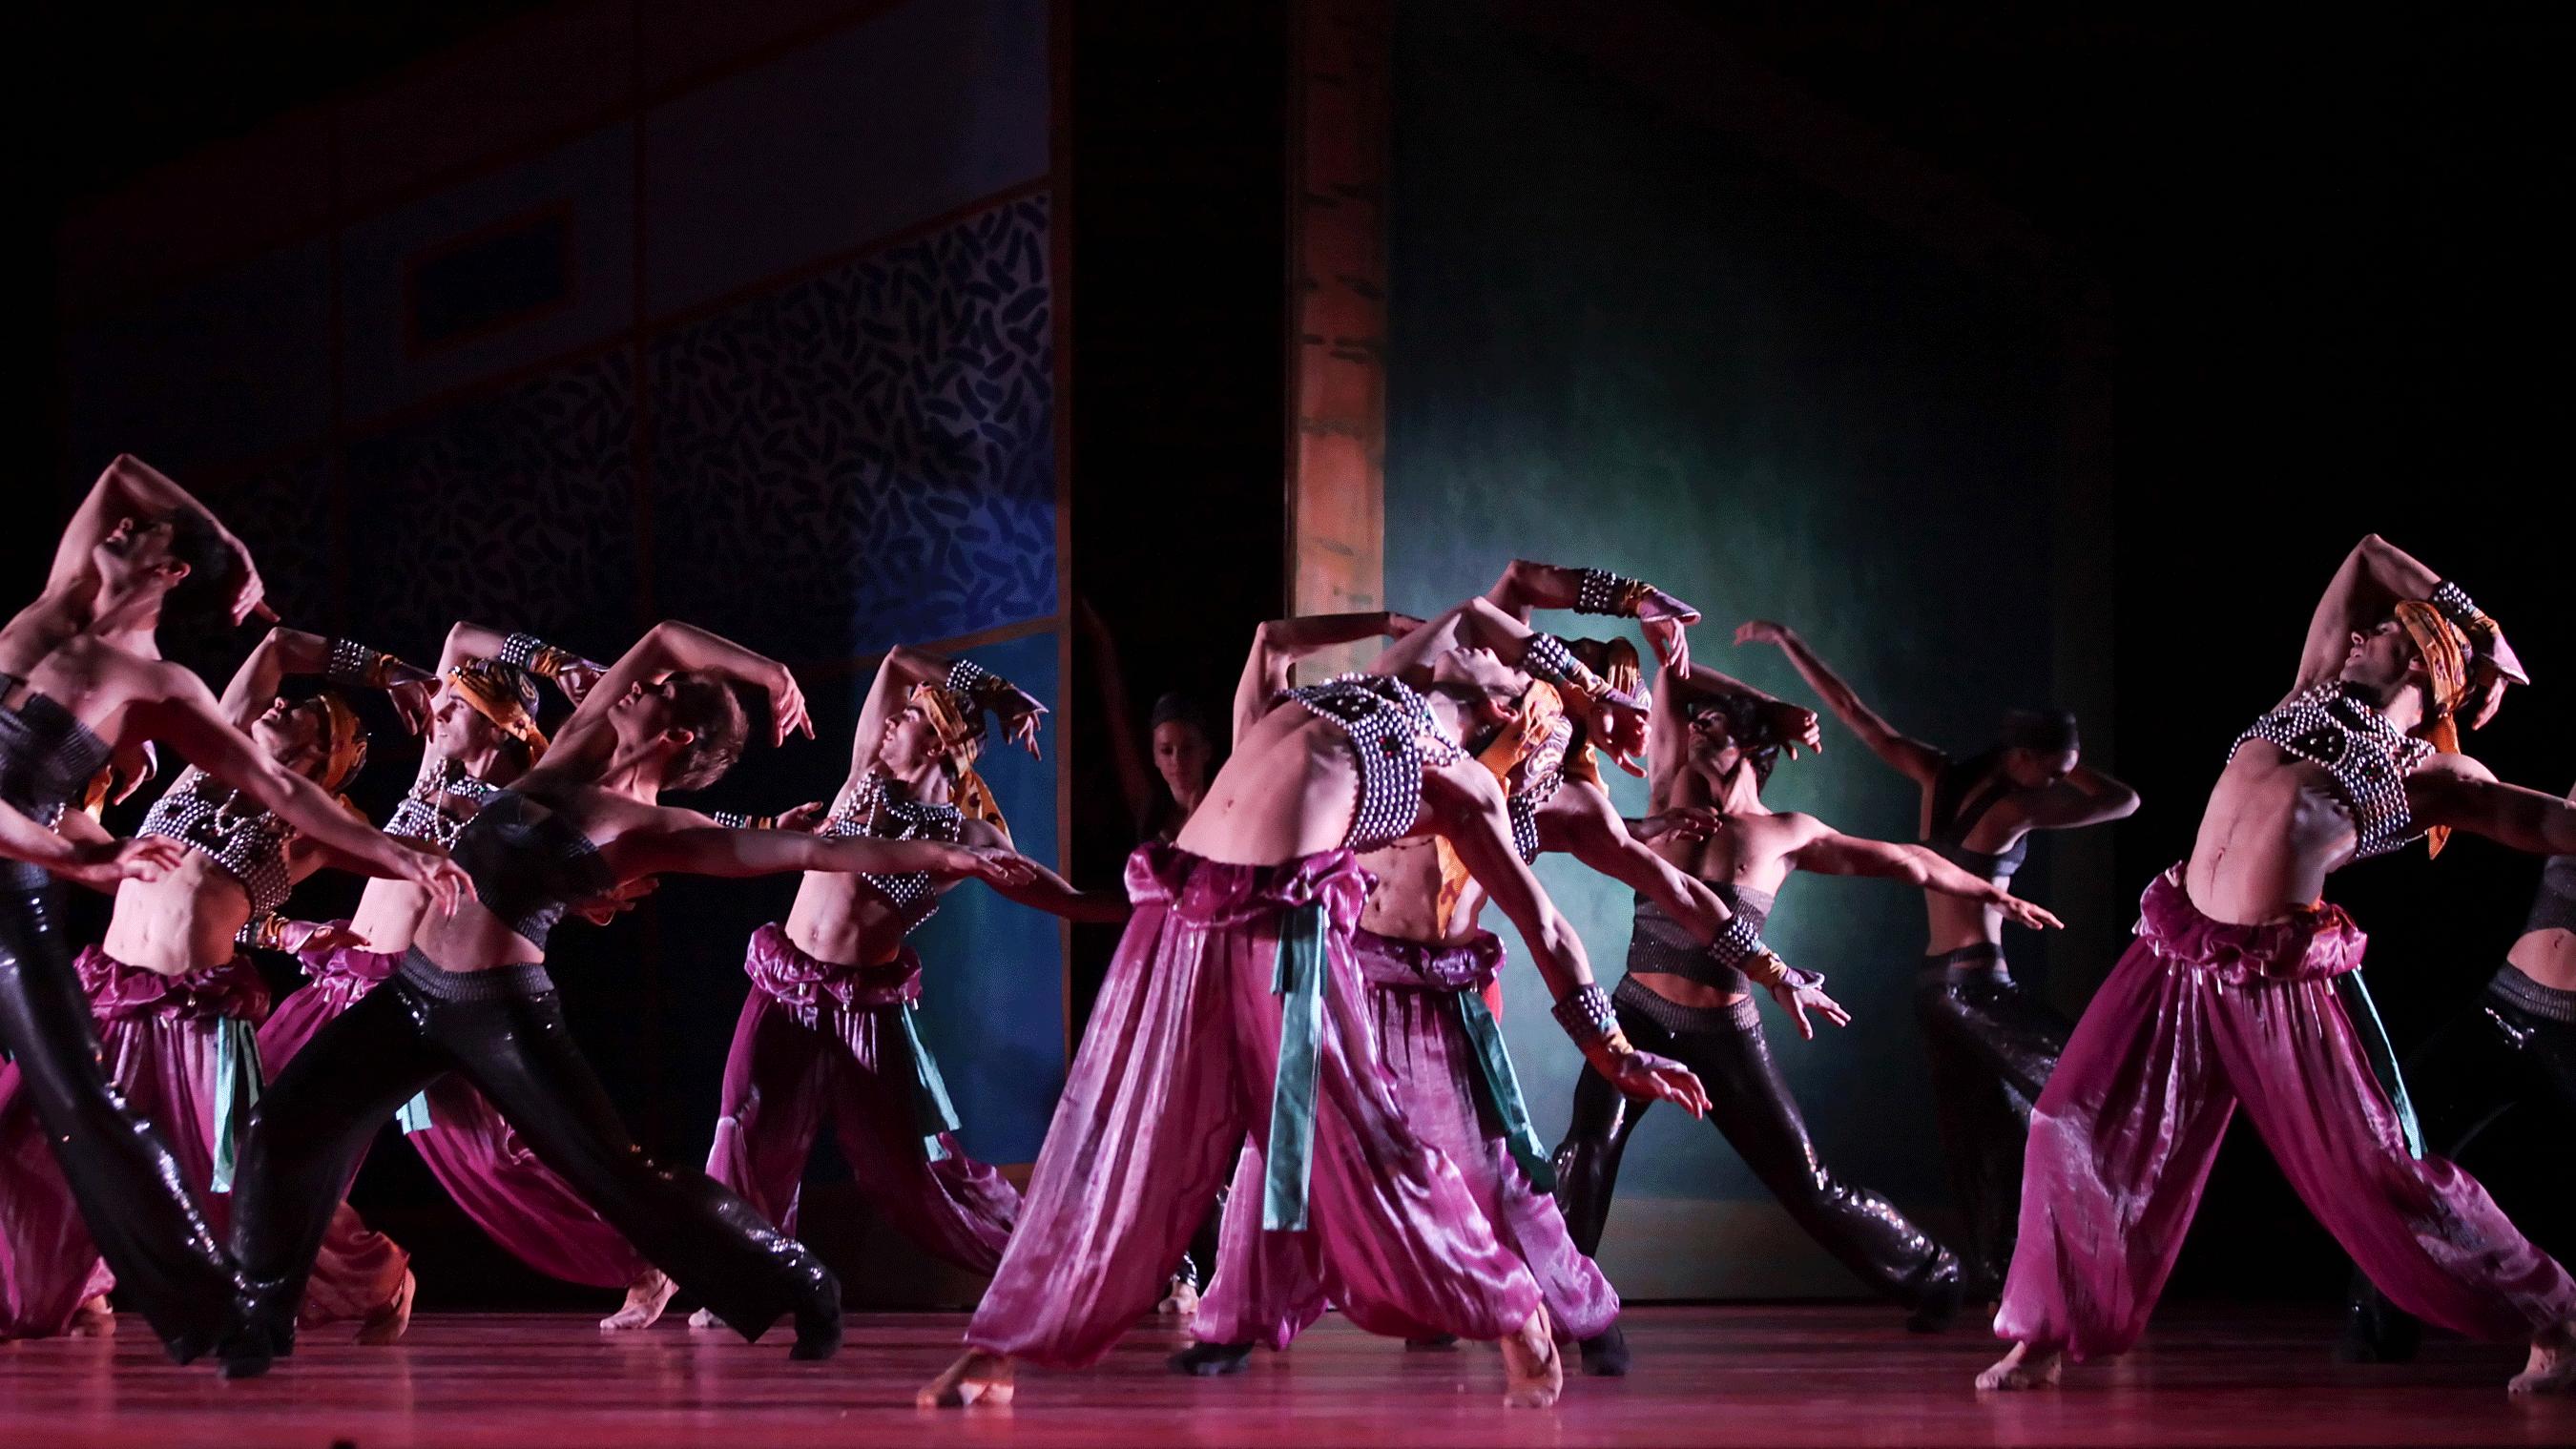 Scheherazade by Jean-Christophe Maillot, music by Rimsky-Korsakov